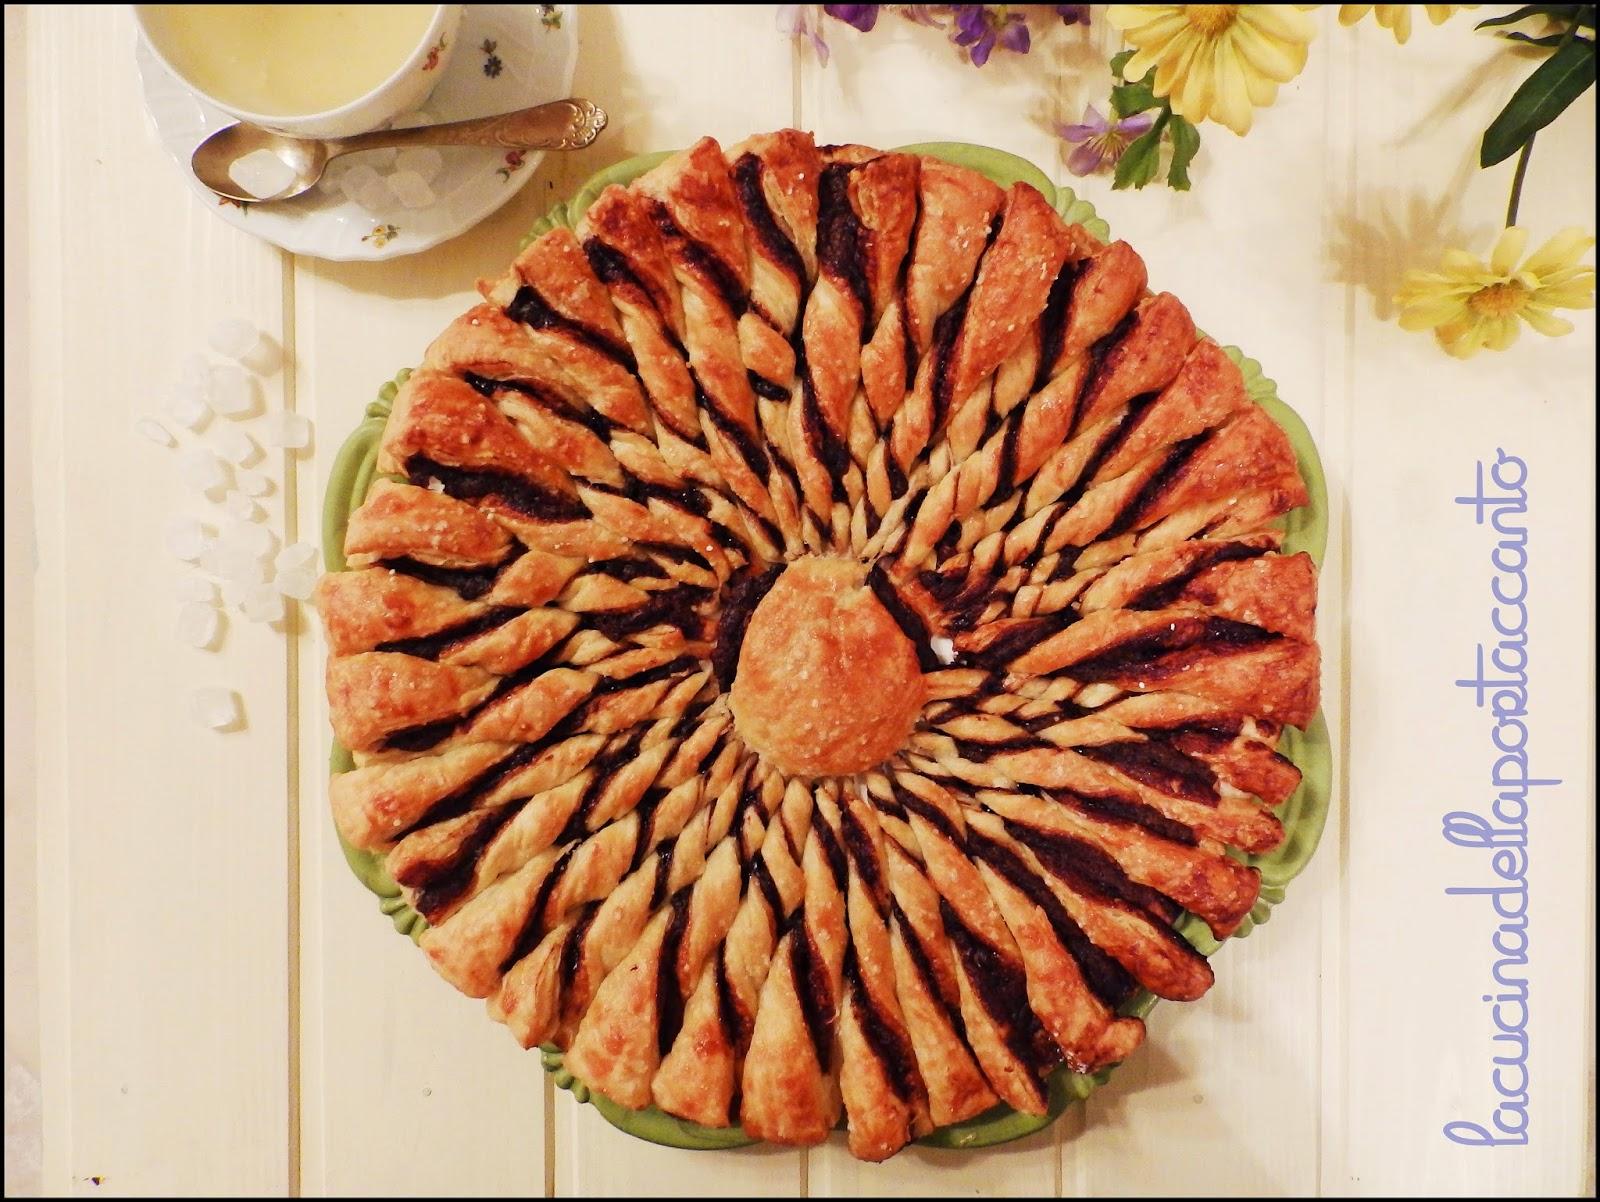 girasole di pasta sfoglia e crema di nocciole del piemonte, un fiore per s. valentino! / sunflower puff pastry cream and hazelnuts from piedmont, a flower for valentines!